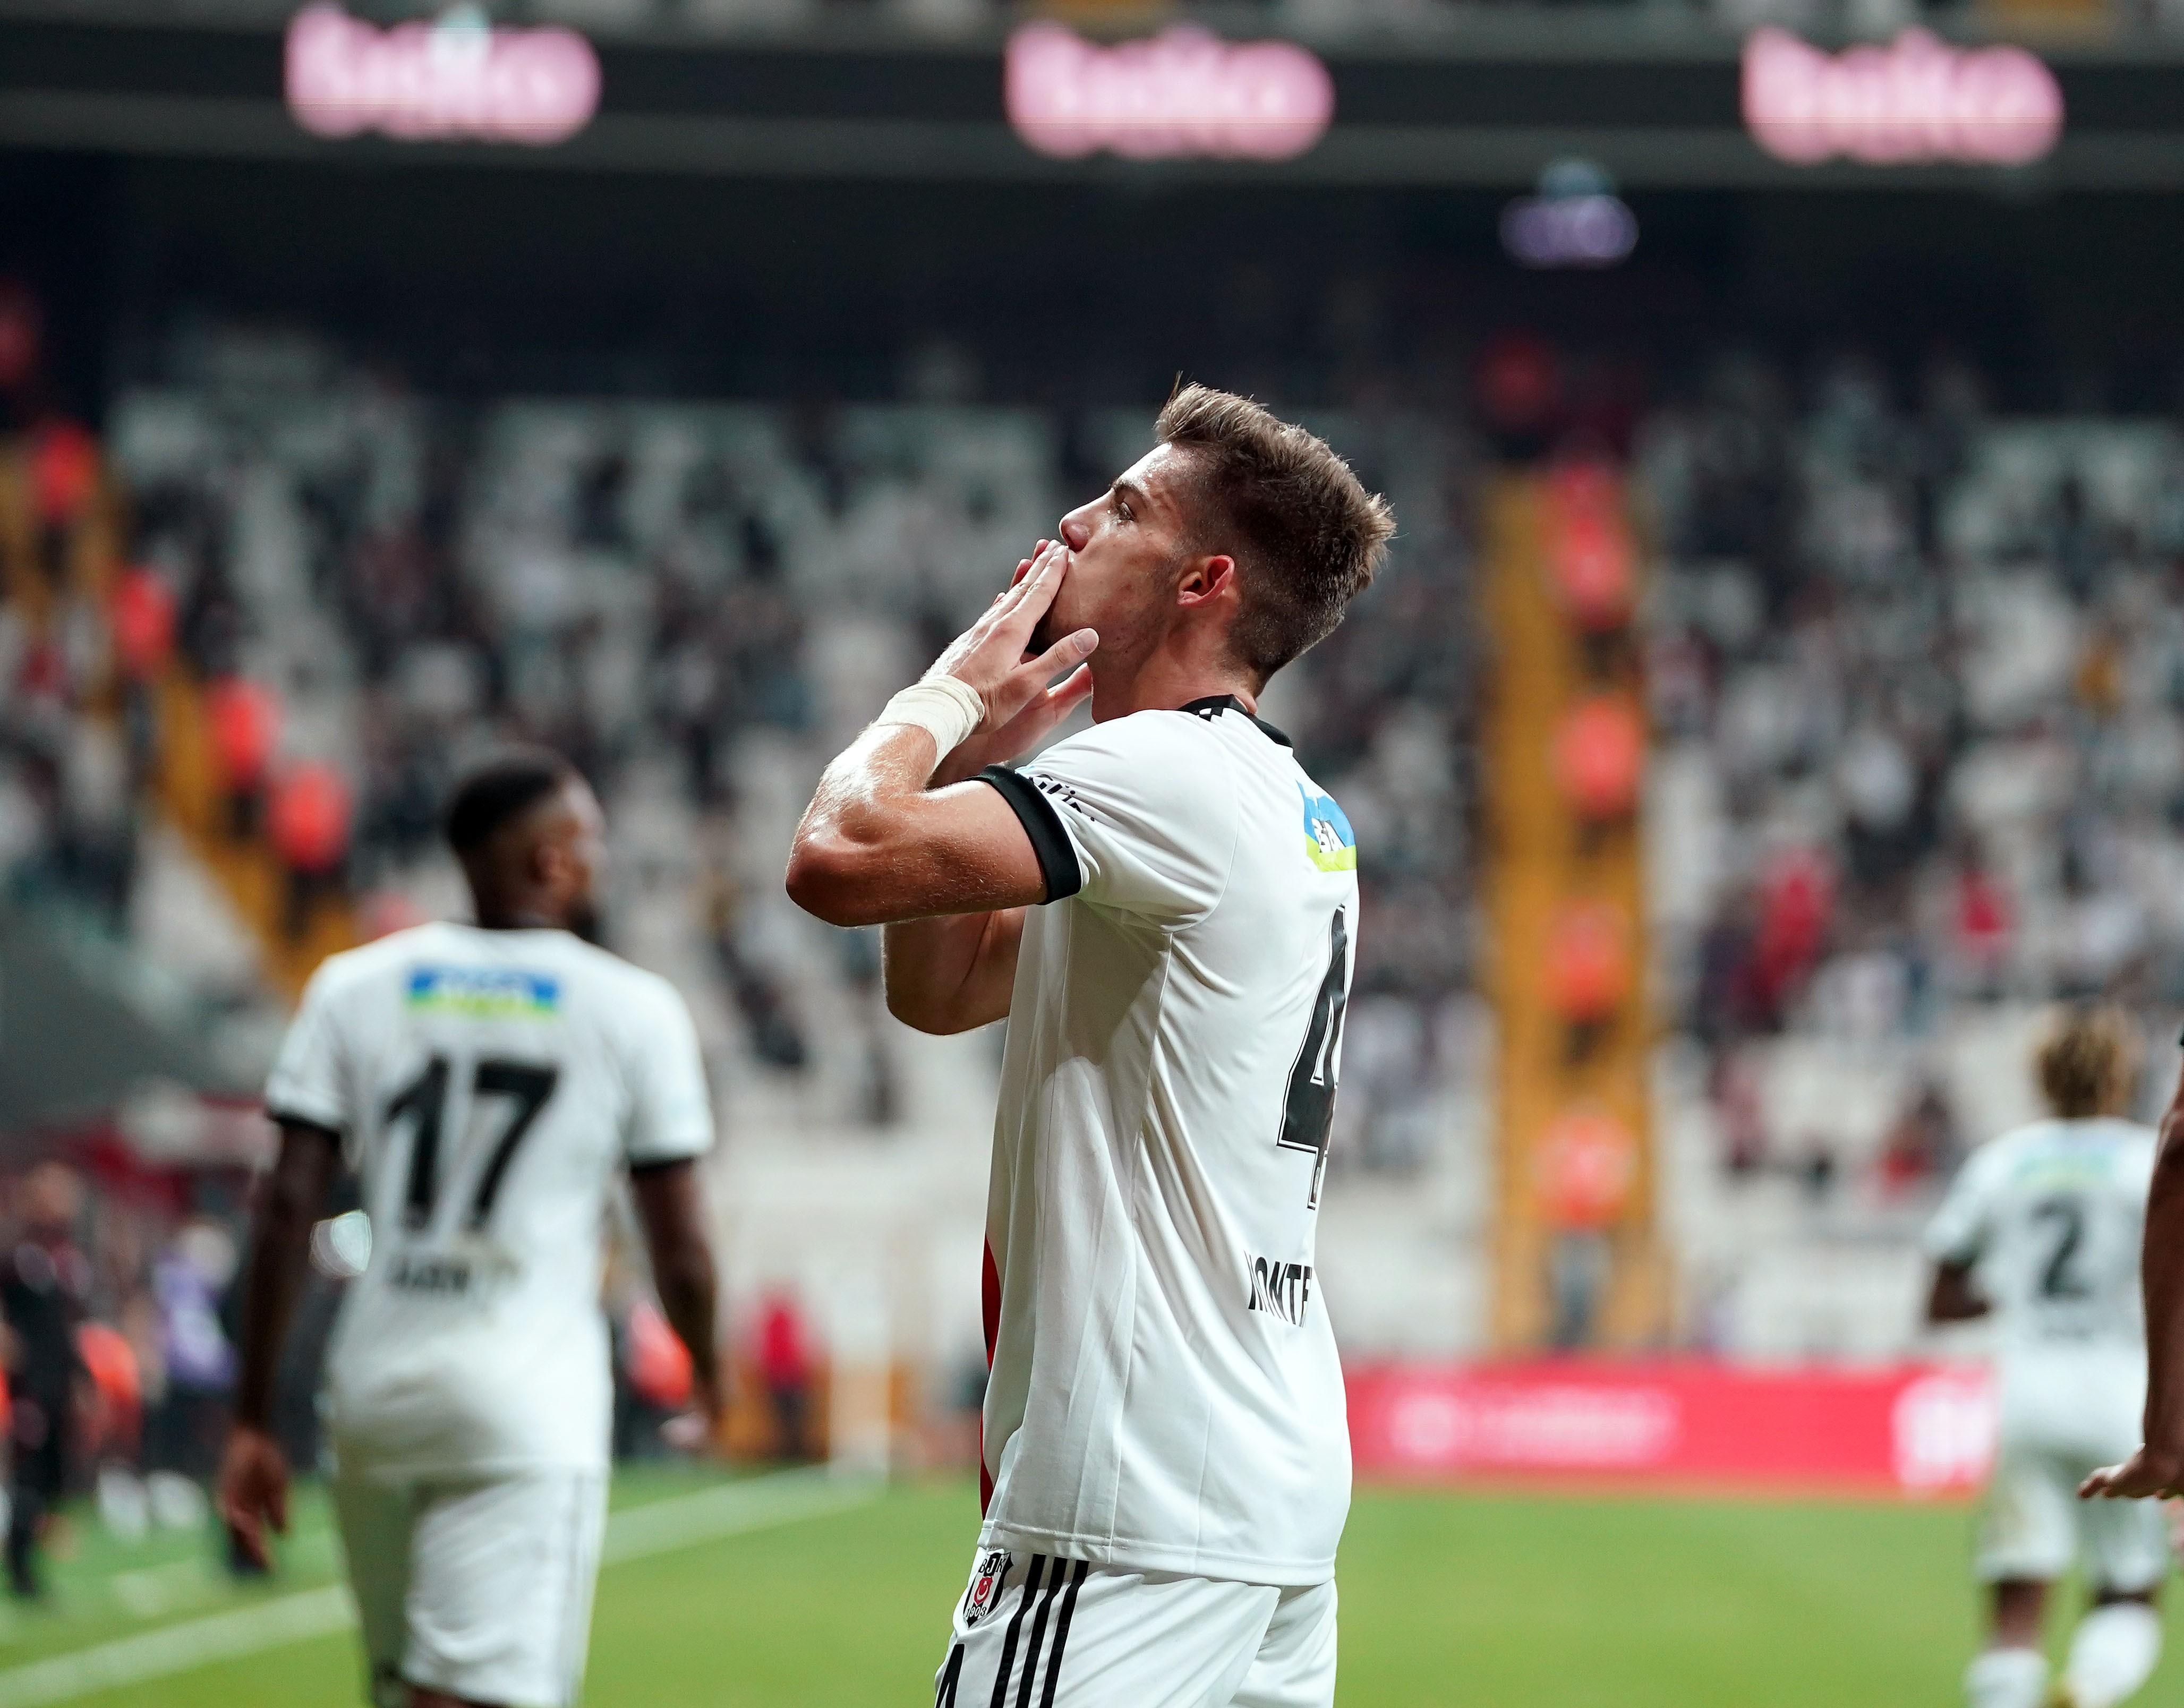 <p>Beşiktaş'ı öne geçiren golü 20. dakikada Francisco Montero kaydetti. Siyah-beyazlılar 45'te Josef de Souza ve 52'de Rıdvan Yılmaz ile skoru 3-0'a getirdi. Adana Demirspor'da Vargas, 60.dakikada takımının ilk golünü kaydederken, dakika 79'da sahneye çıkan Balotelli skoru 3-2 yaptı. Balotelli yine son dakikada sahneye çıkarak, skoru 3-3'e getirdi.</p>